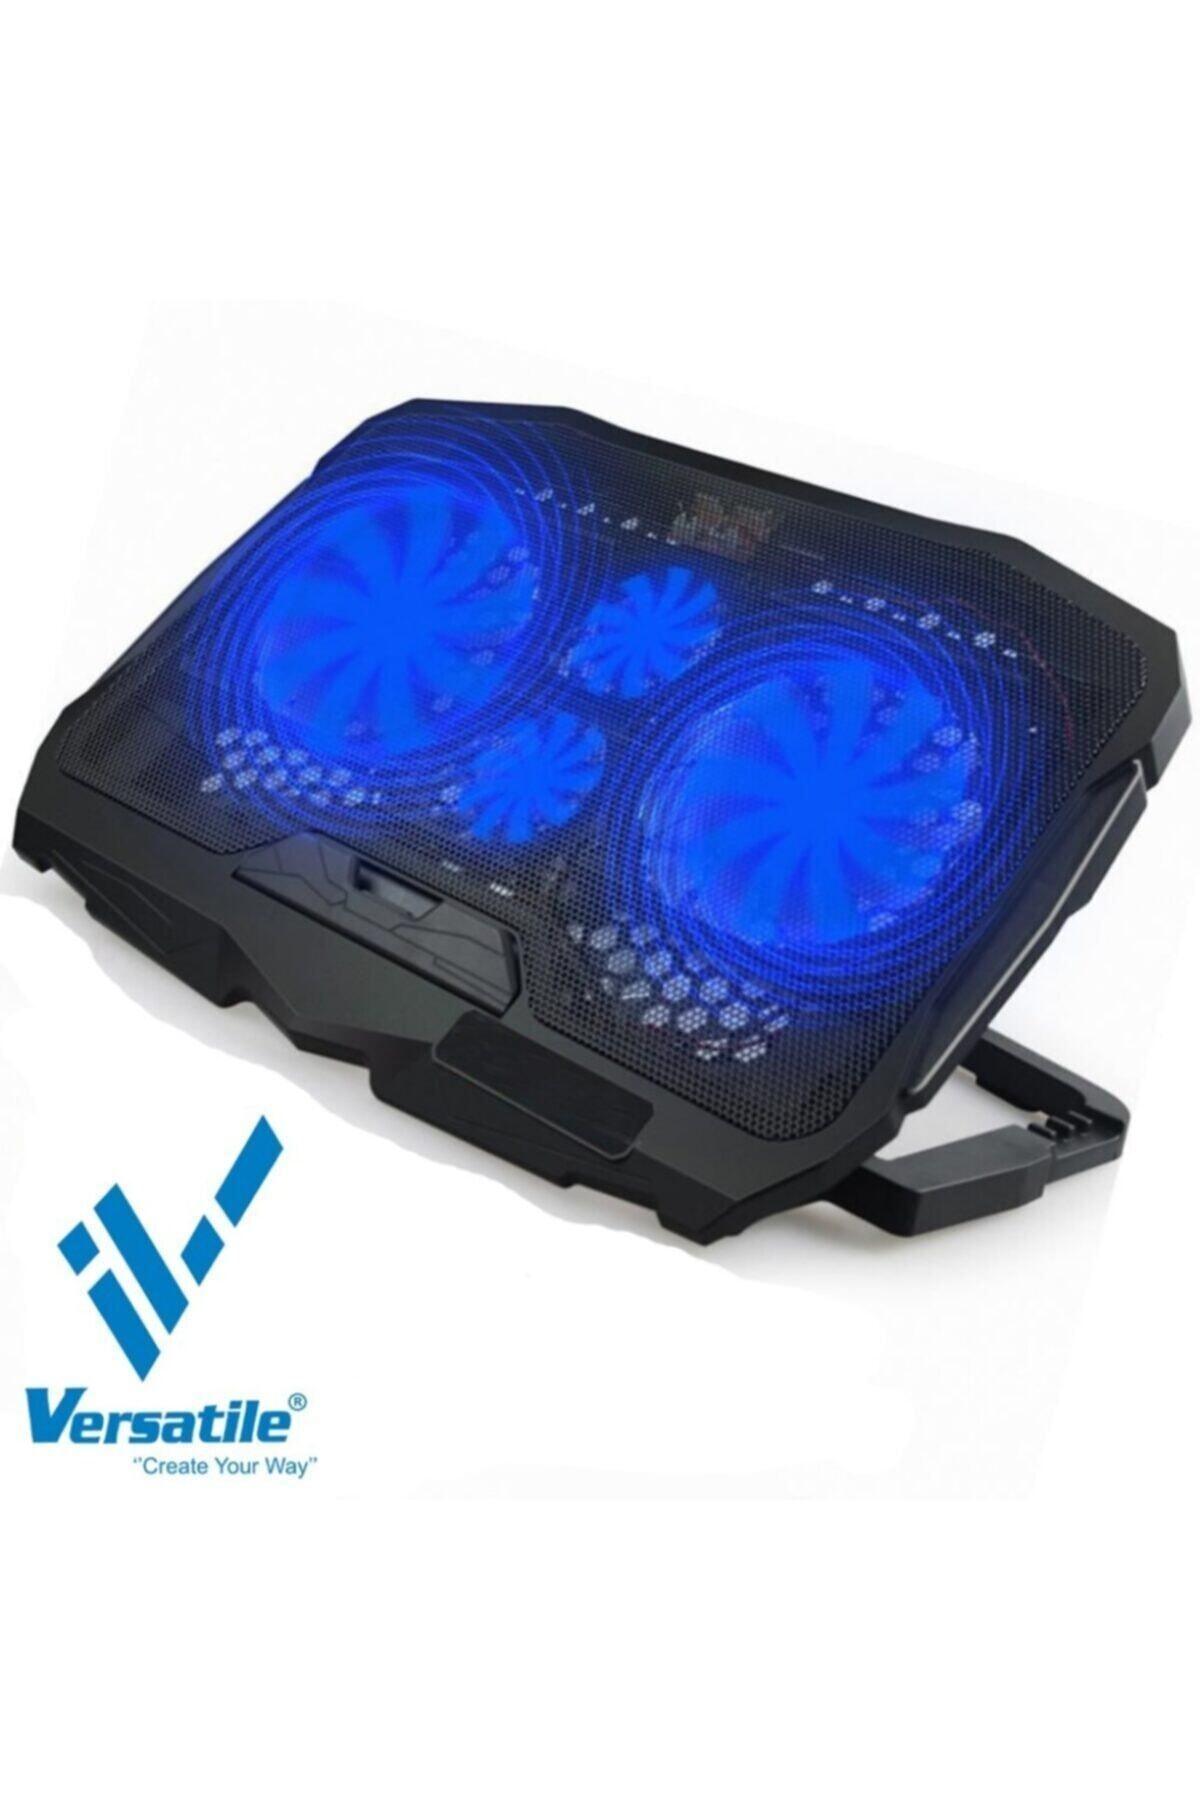 Vrc-d17 Notebook Laptop Soğutucu Ledli Işıklı 4 Fan